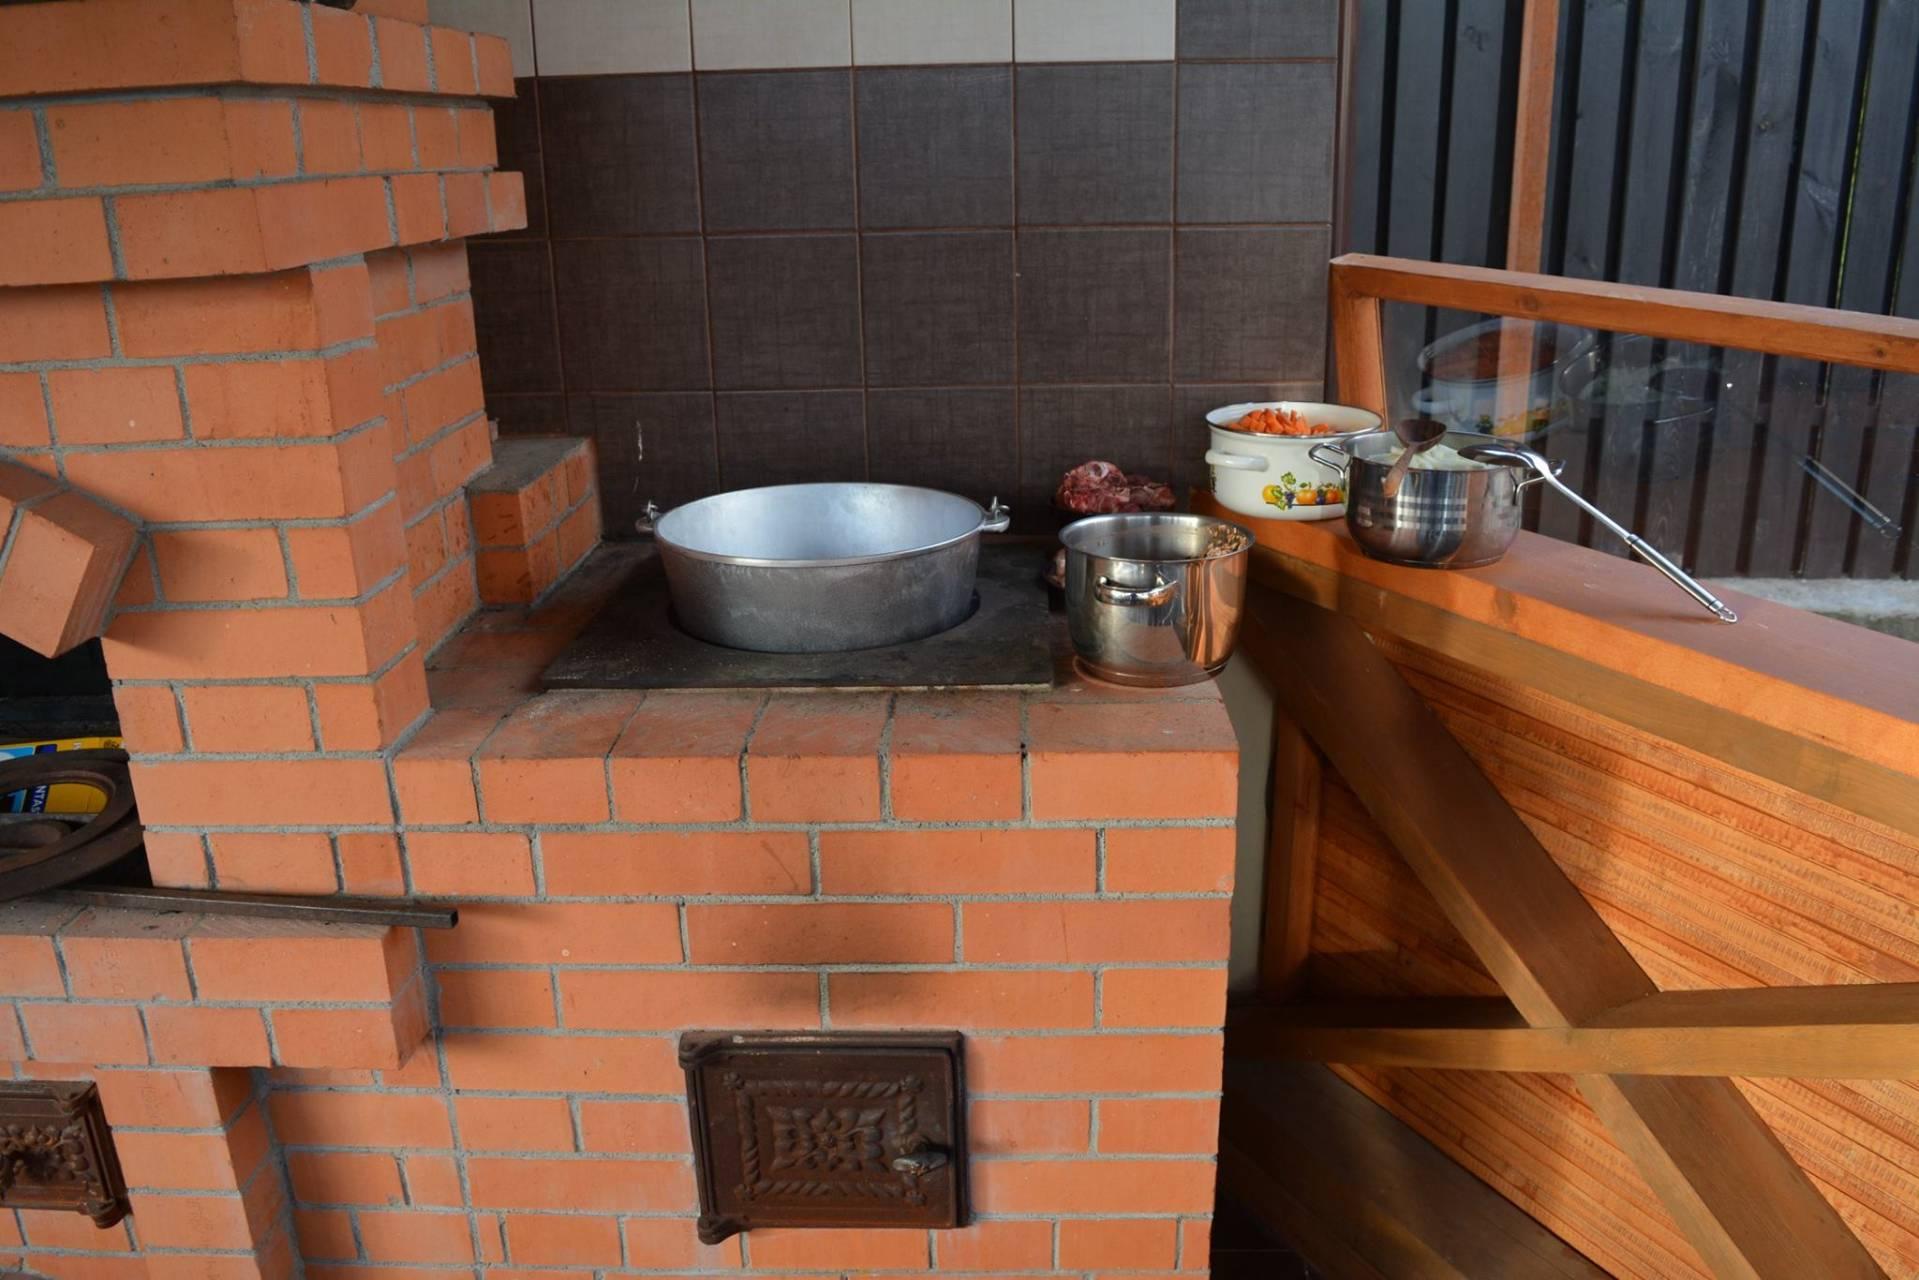 Печи под казан: принципы устройства и приготовления блюд, покупка, строительство самостоятельно